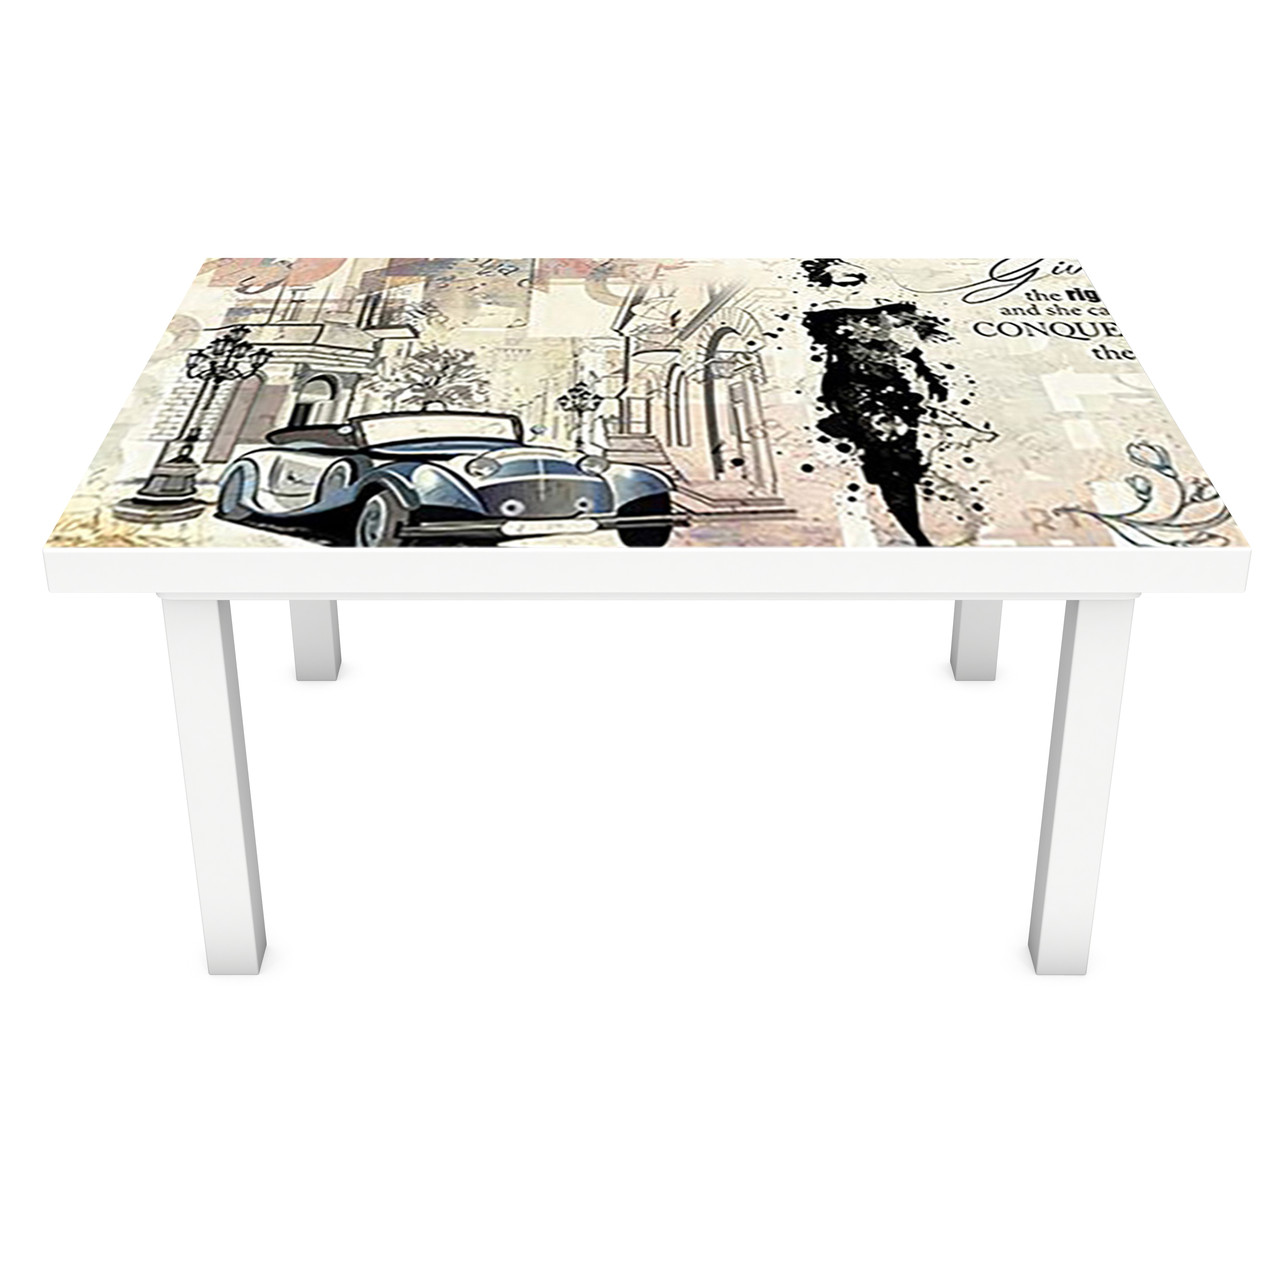 Виниловая наклейка на стол Газета (интерьерная ПВХ пленка для мебели) Париж ретро Бежевый 600*1200 мм